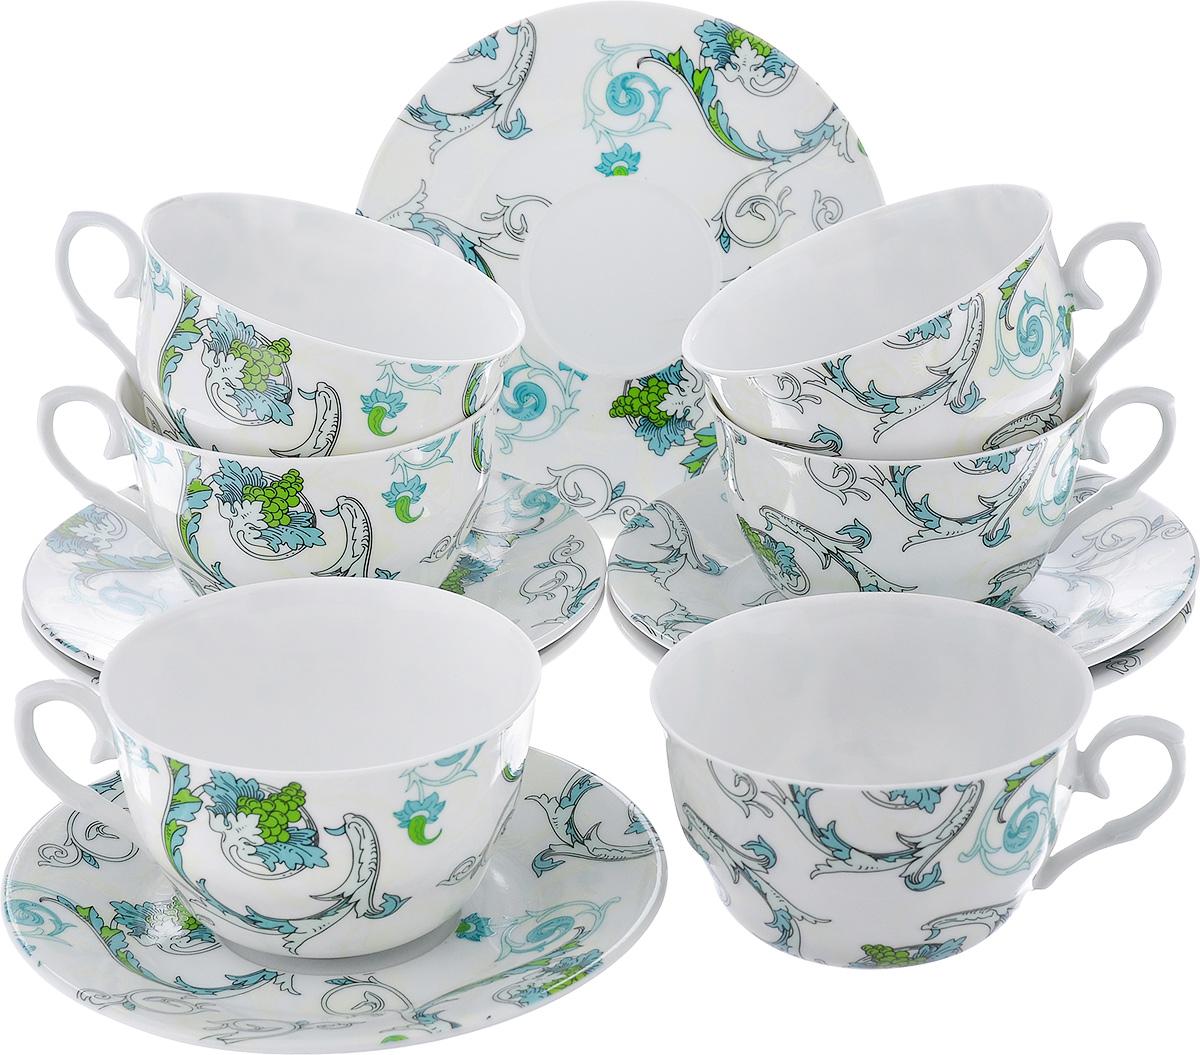 Чайный набор LarangE Рококо, цвет: белый, светло-зеленый, 12 предметов586-315Чайный набор LarangE Рококо состоит из шести чашек и шести блюдец, изготовленных из фарфора. Предметы набора оформлены изящным ярким рисунком. Чайный набор LarangE Рококо украсит ваш кухонный стол, а также станет замечательным подарком друзьям и близким. Объем чашки: 250 мл. Диаметр чашки по верхнему краю: 9,5 см. Высота чашки: 6 см. Диаметр блюдца: 14,5 см.